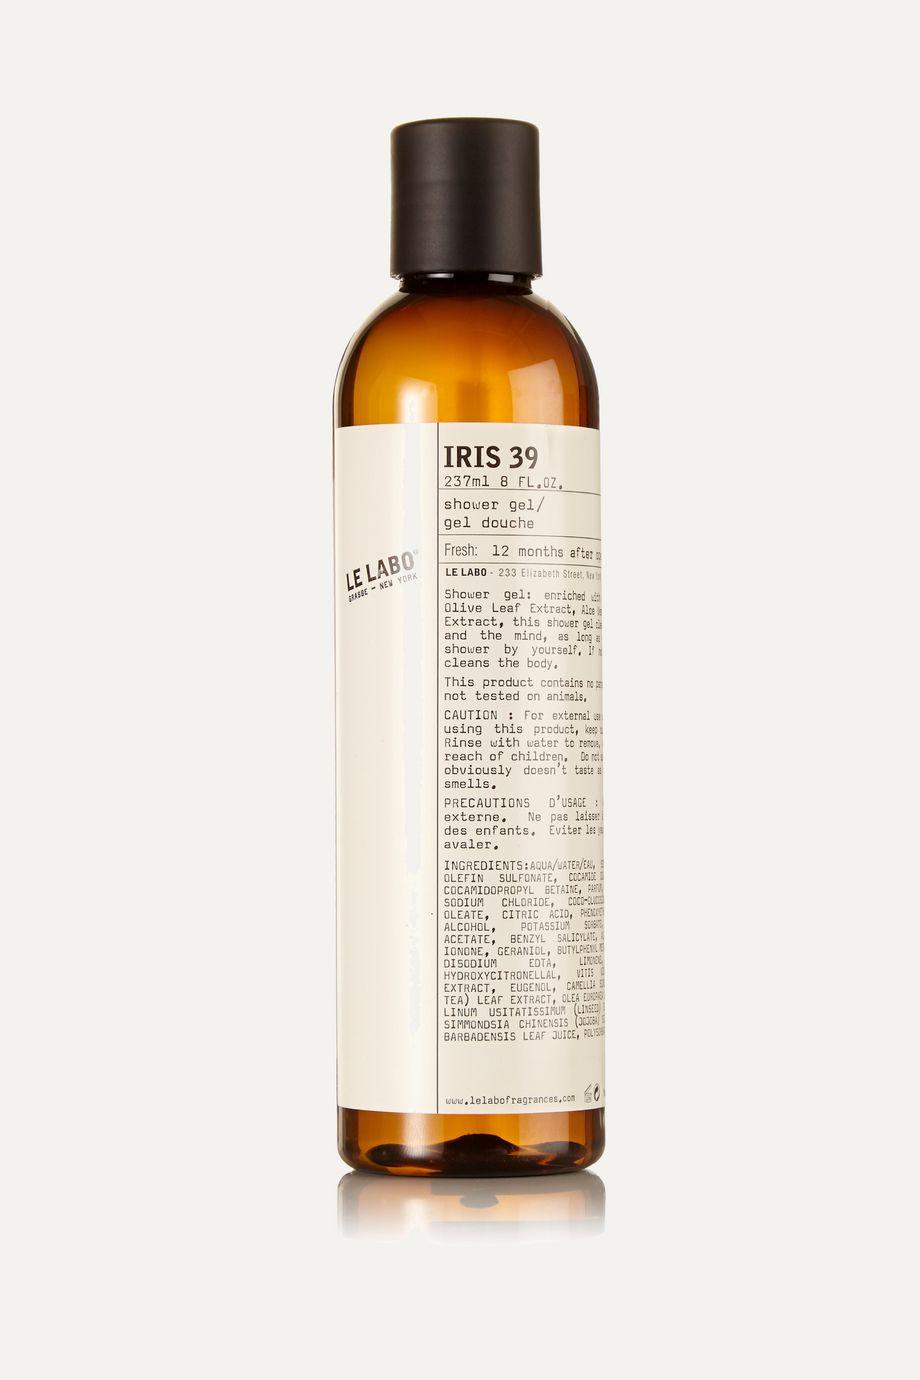 Le Labo Iris 39 Shower Gel, 237ml – Duschgel